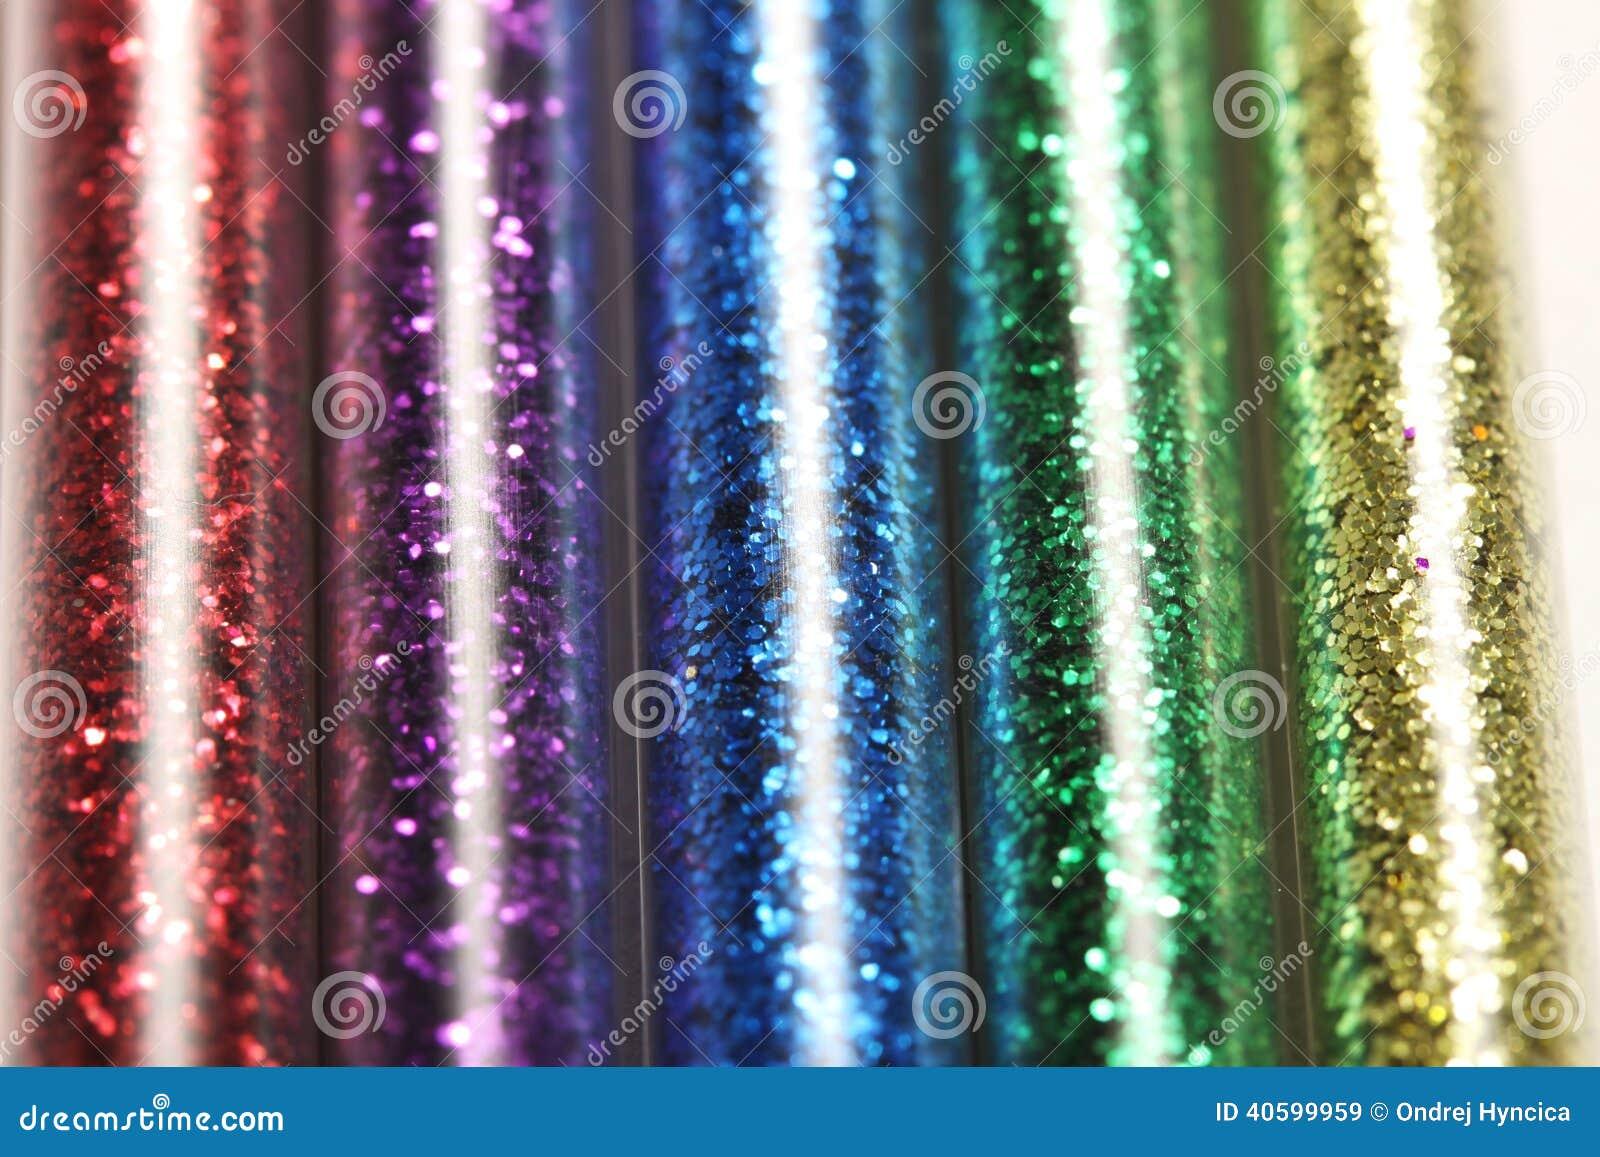 Grn Farben - Design